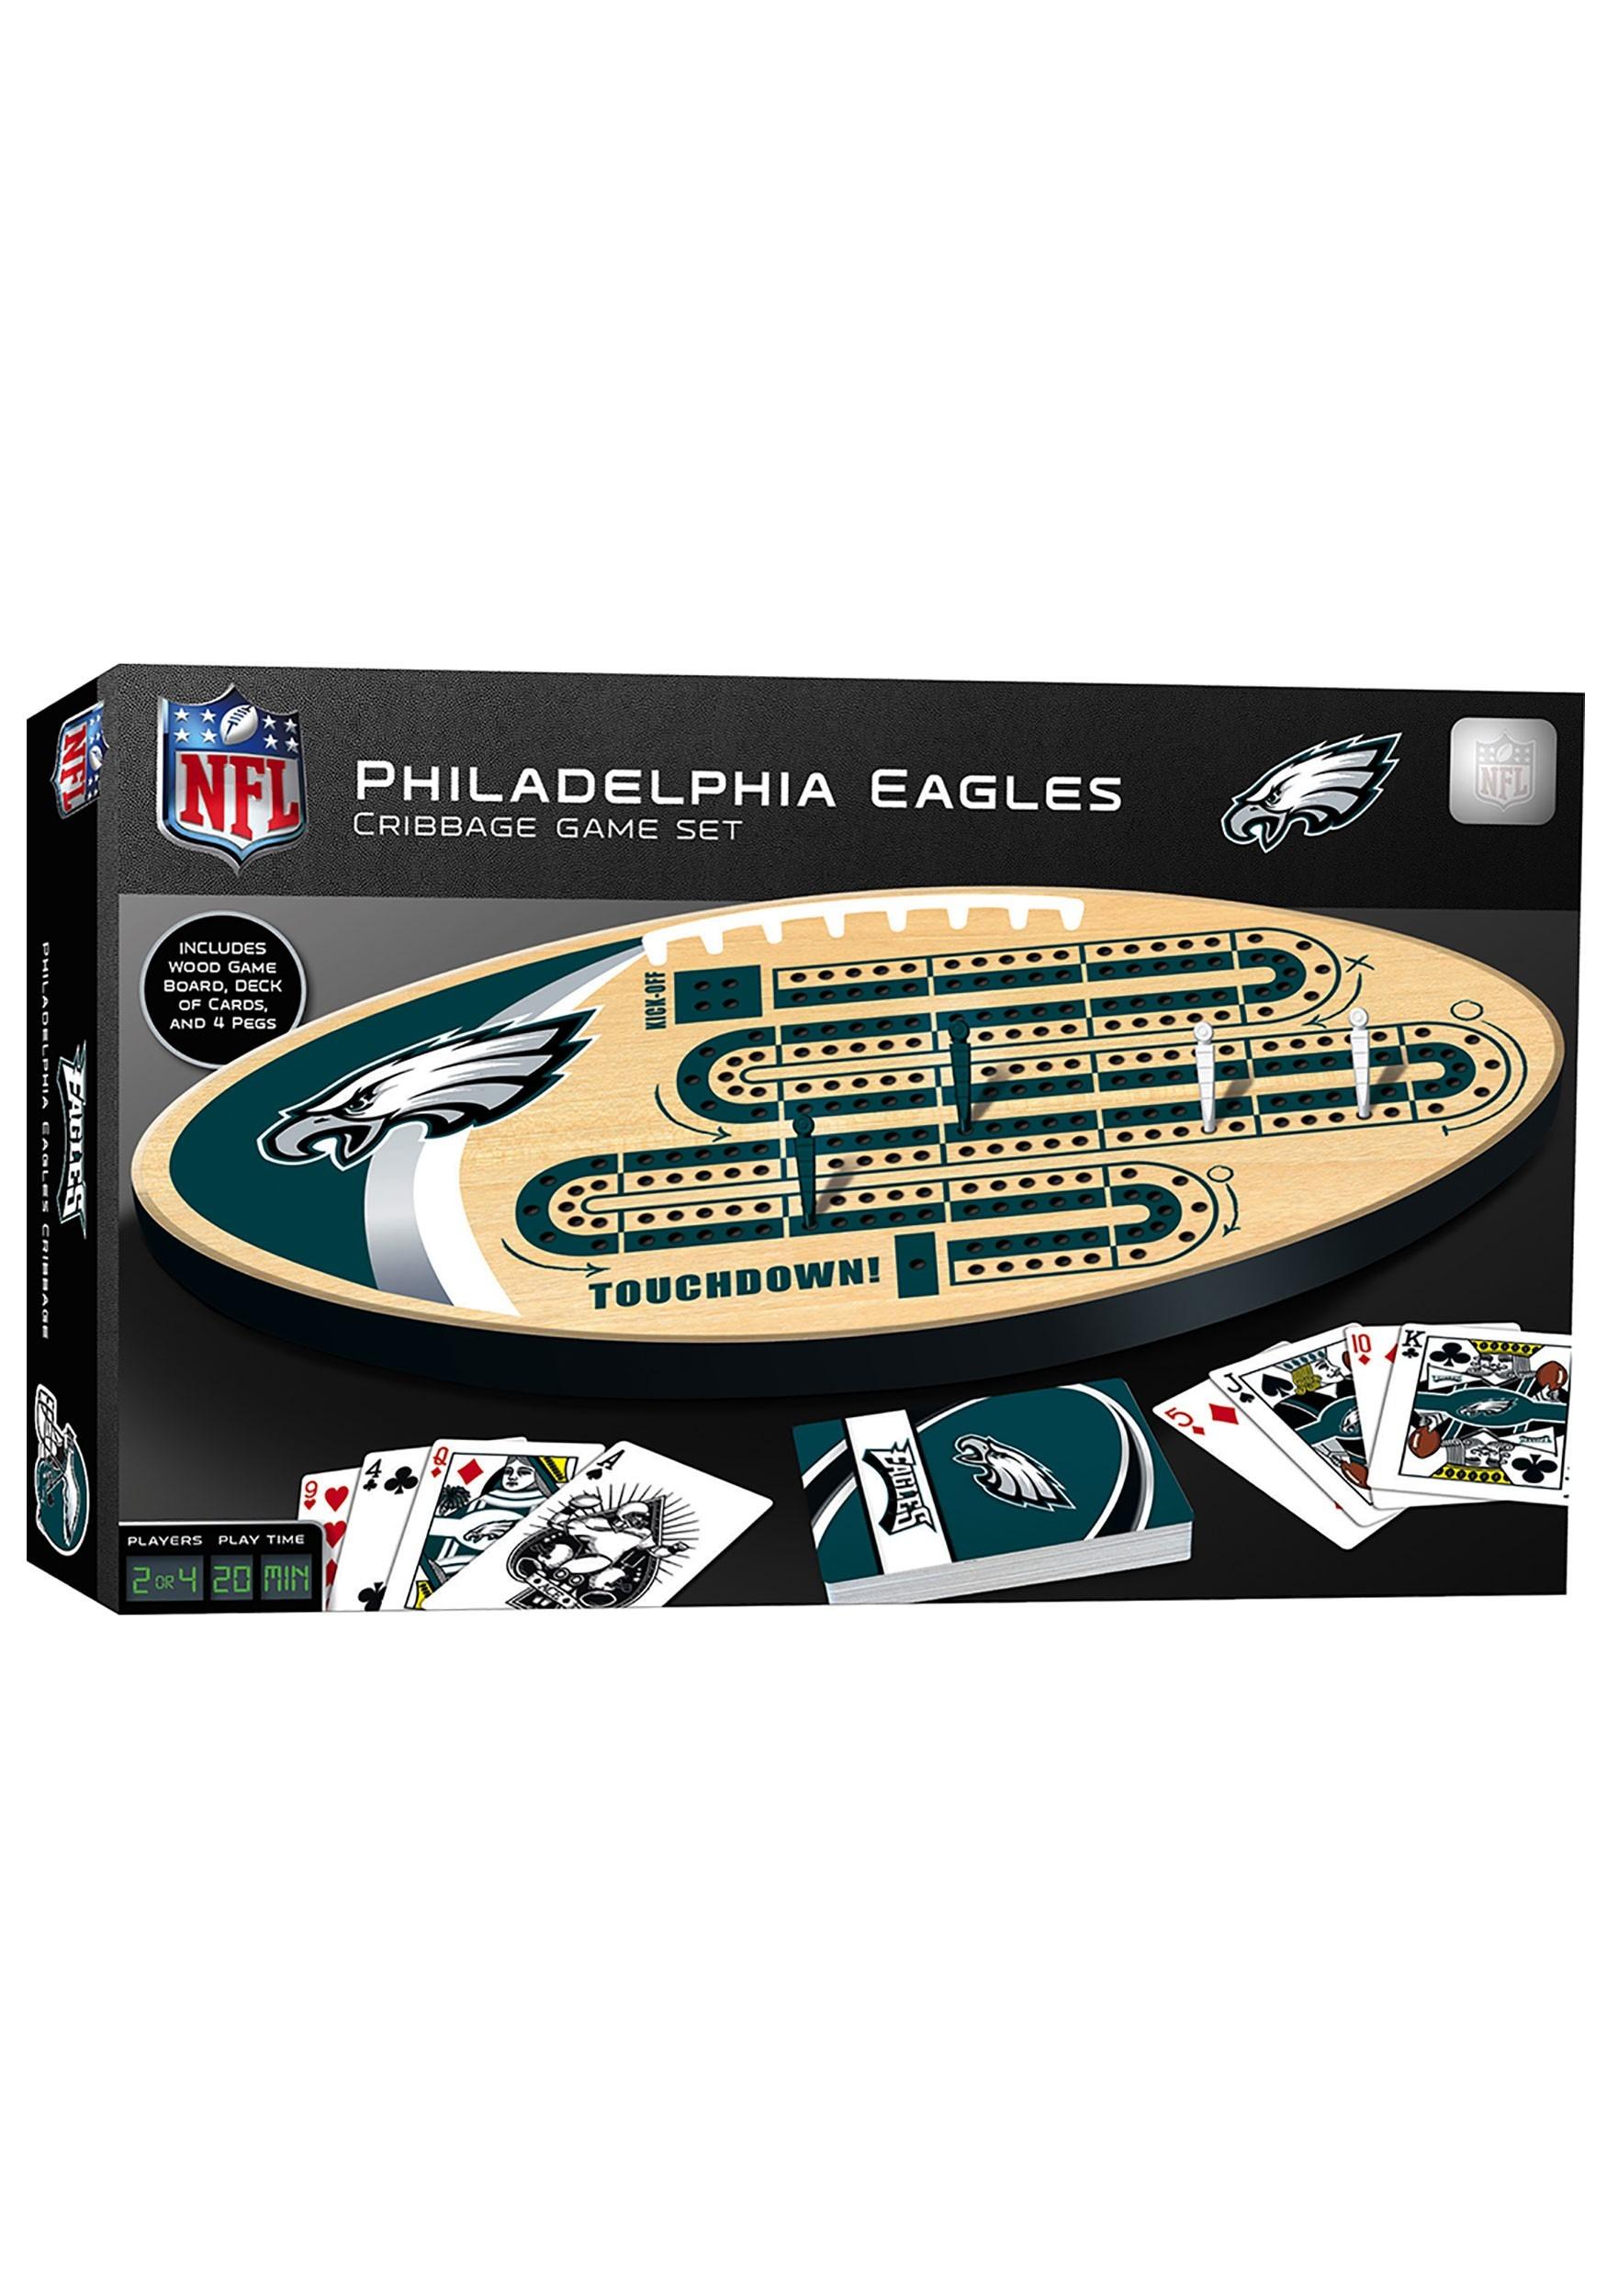 Philadelphia Eagles NFL Cribbage Set